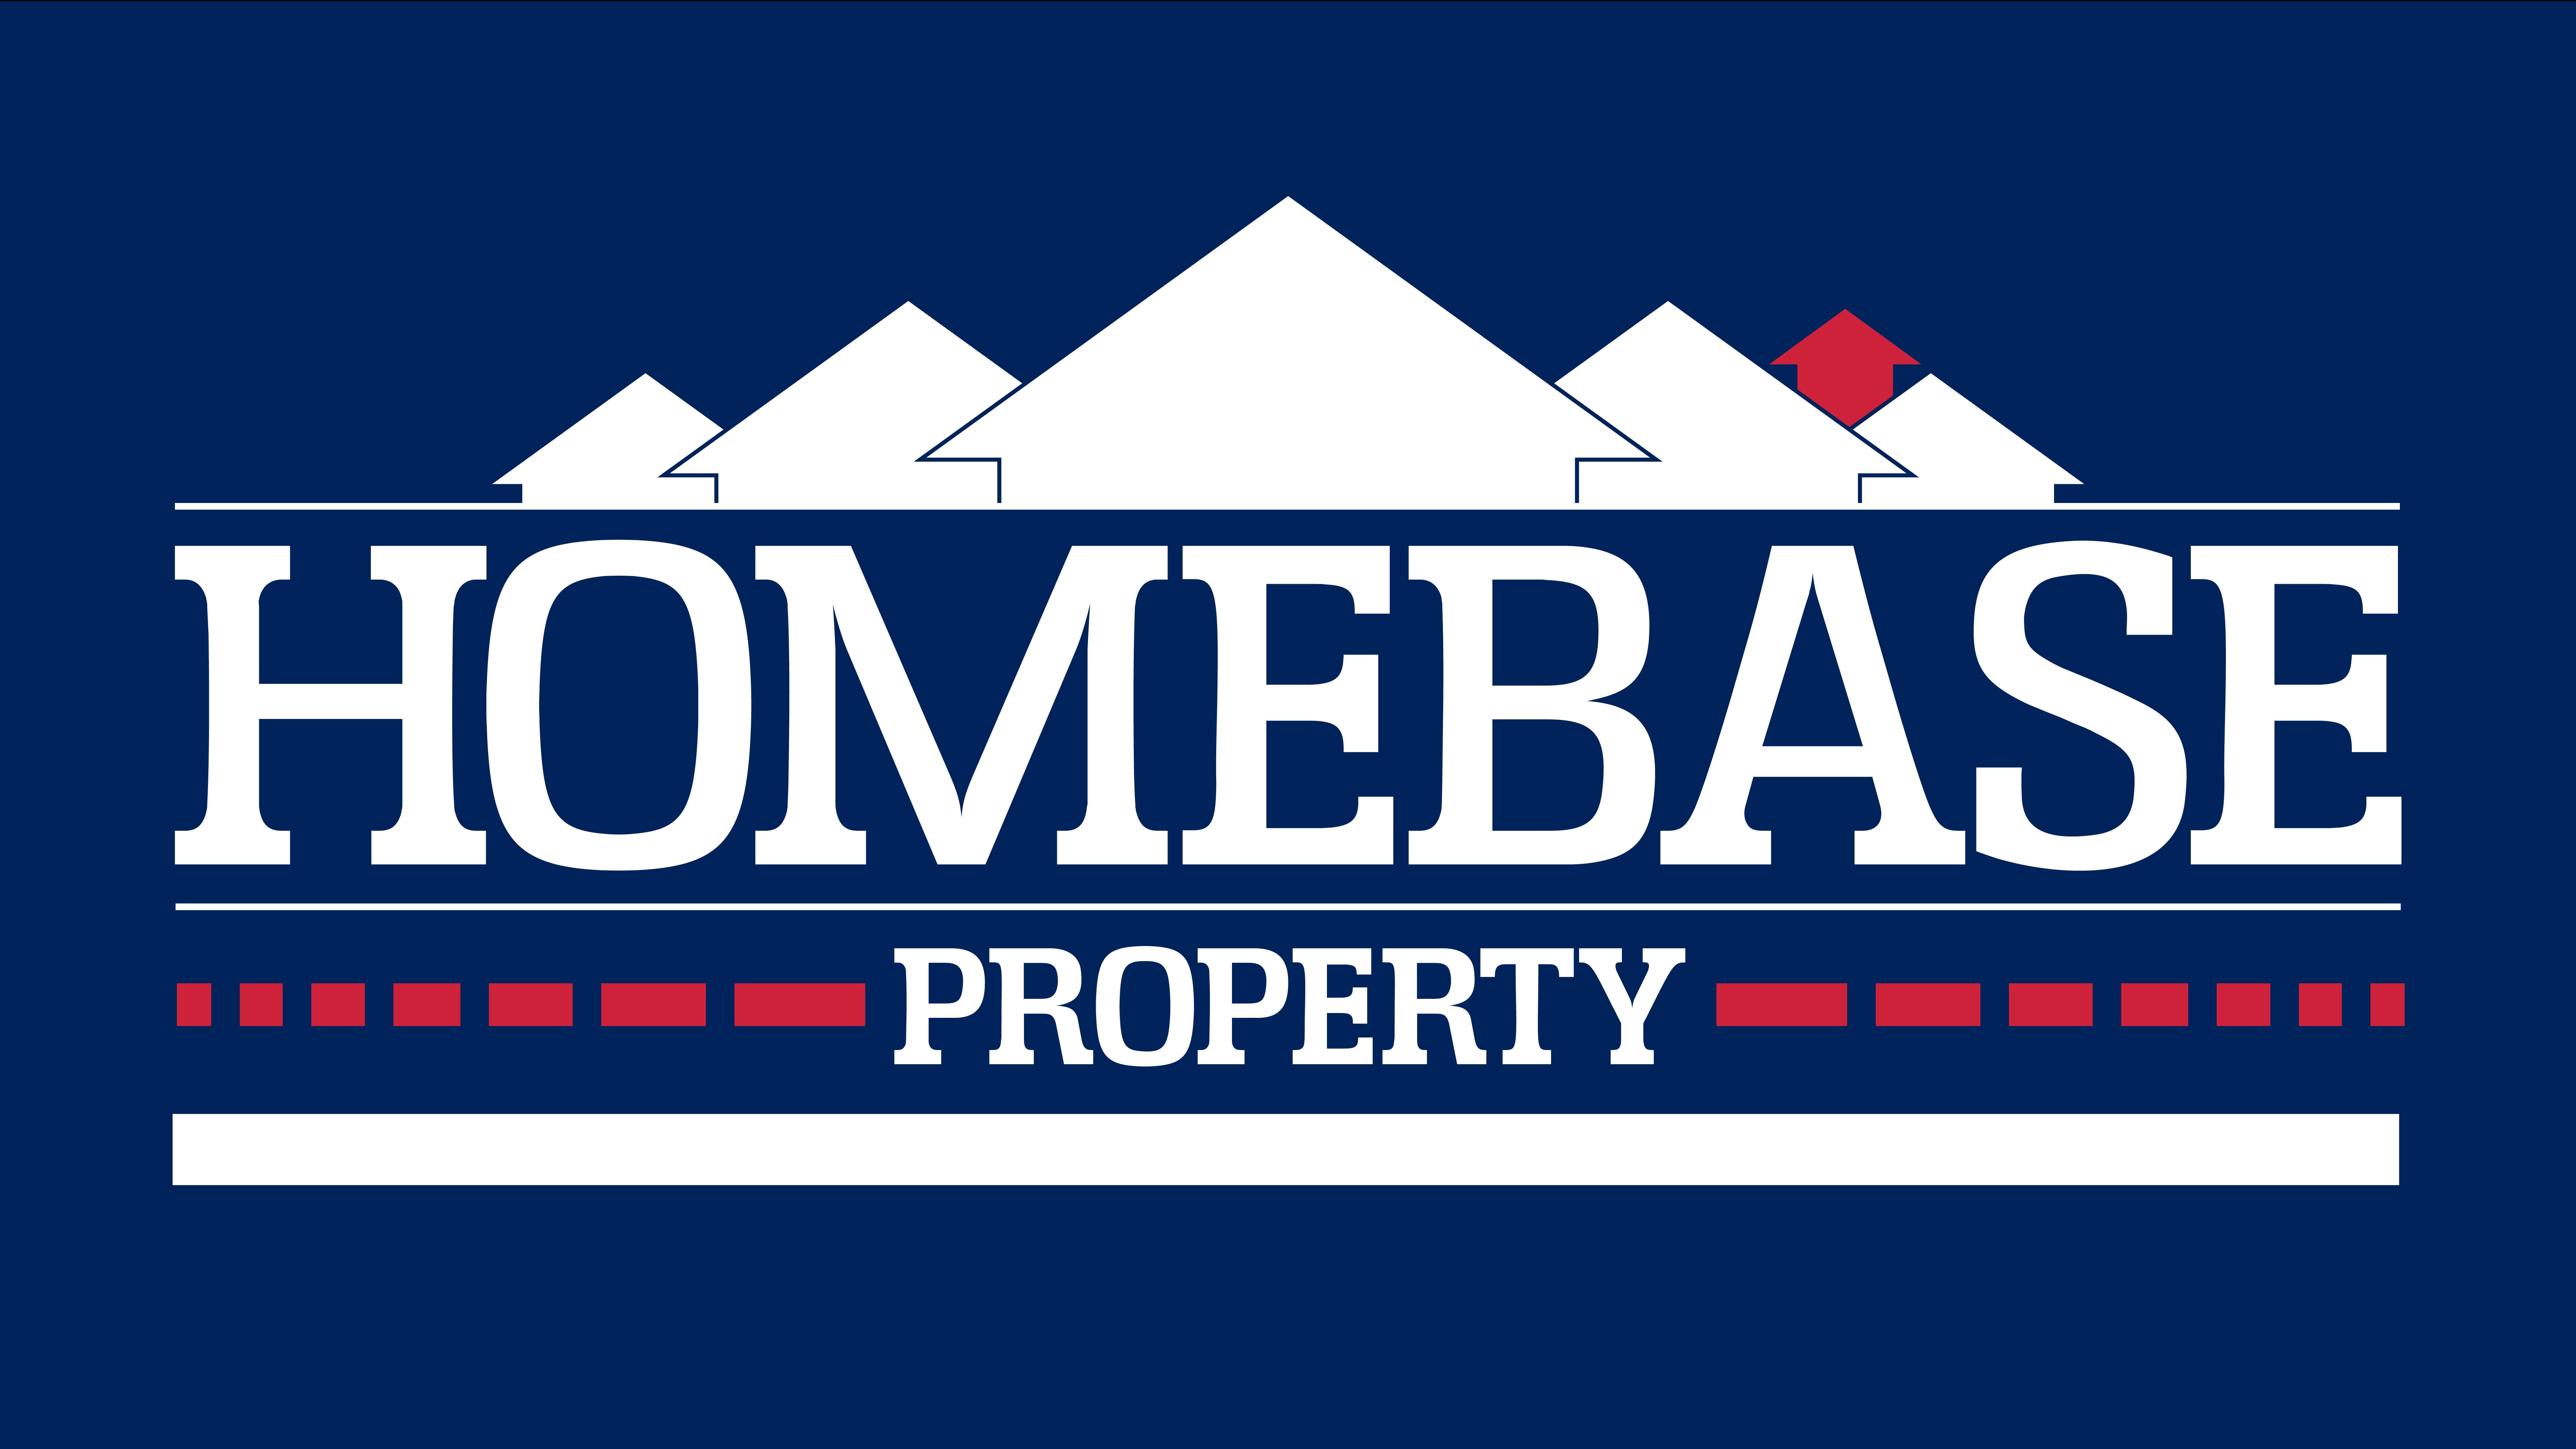 Homebase Property Management